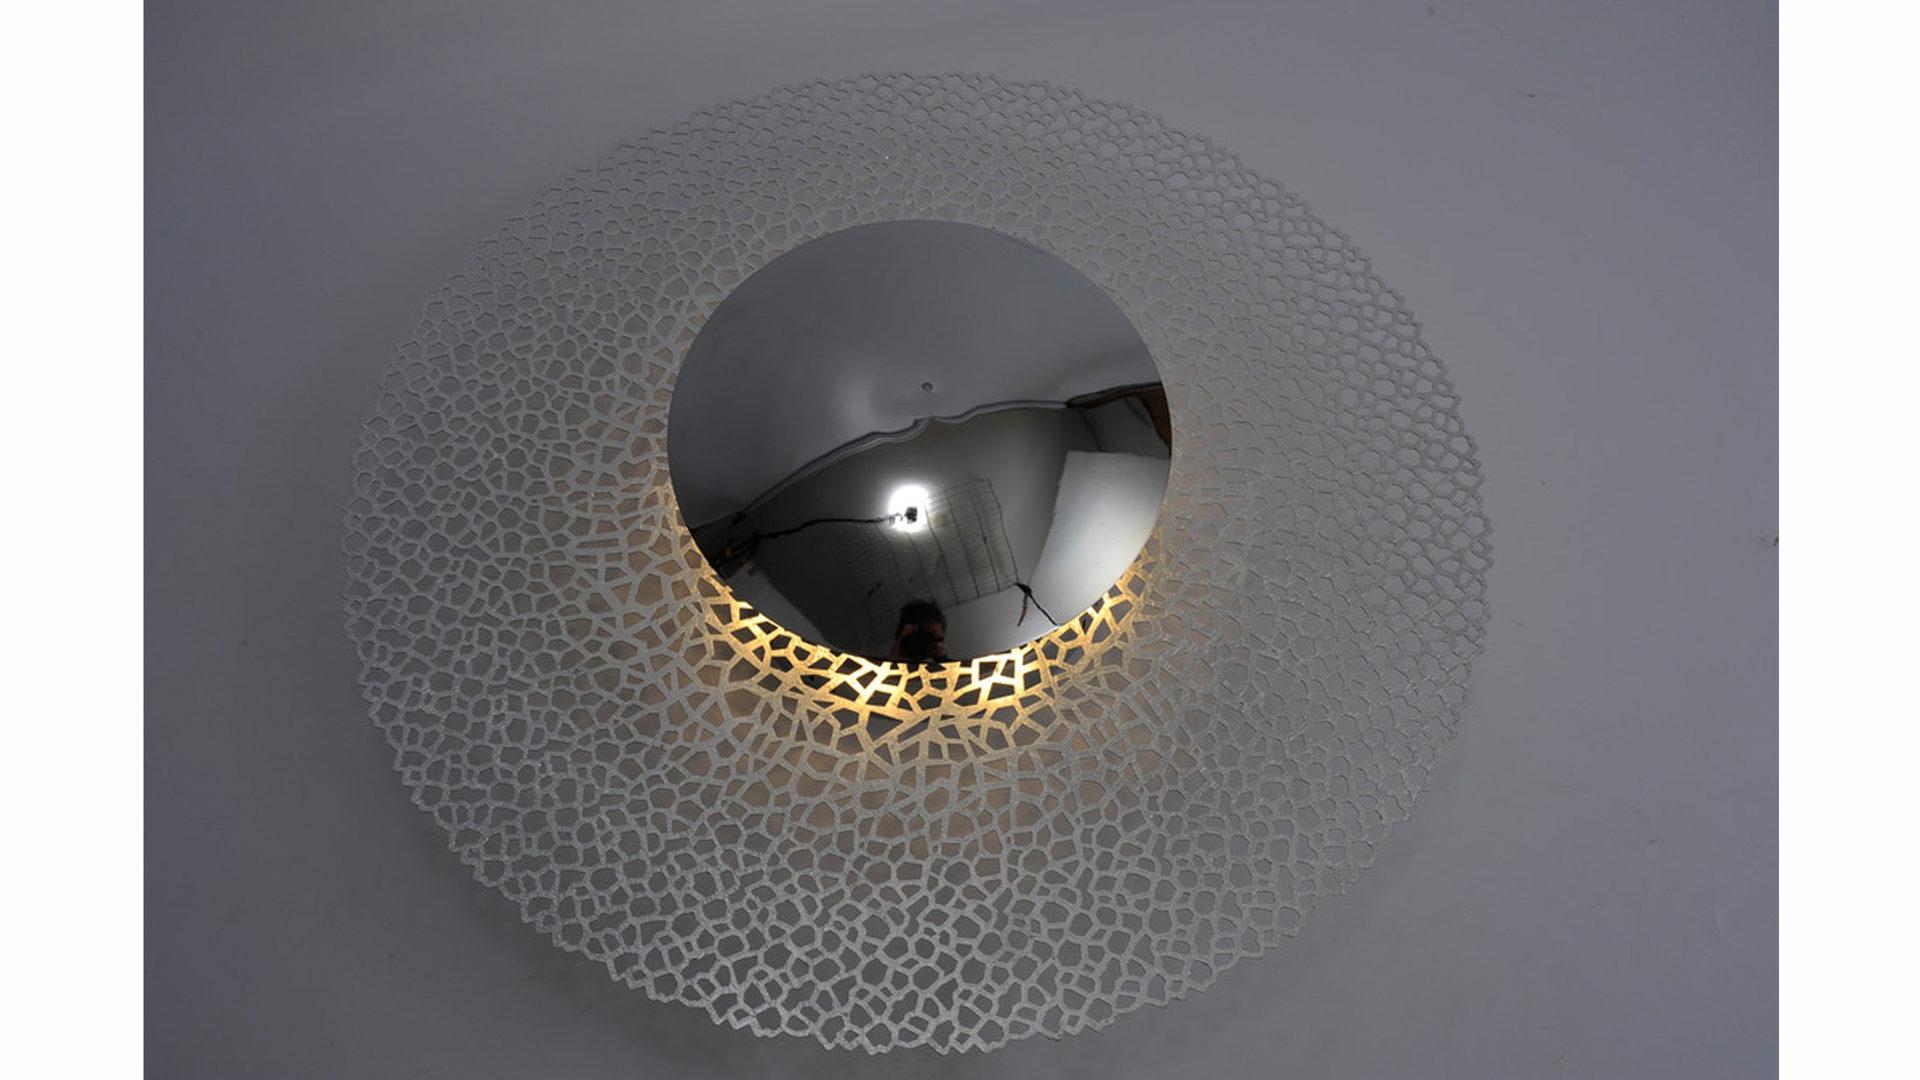 Lampe Flur Modell : Bilder von wohnzimmerlampe decke modell lampe awesome deckenlampe